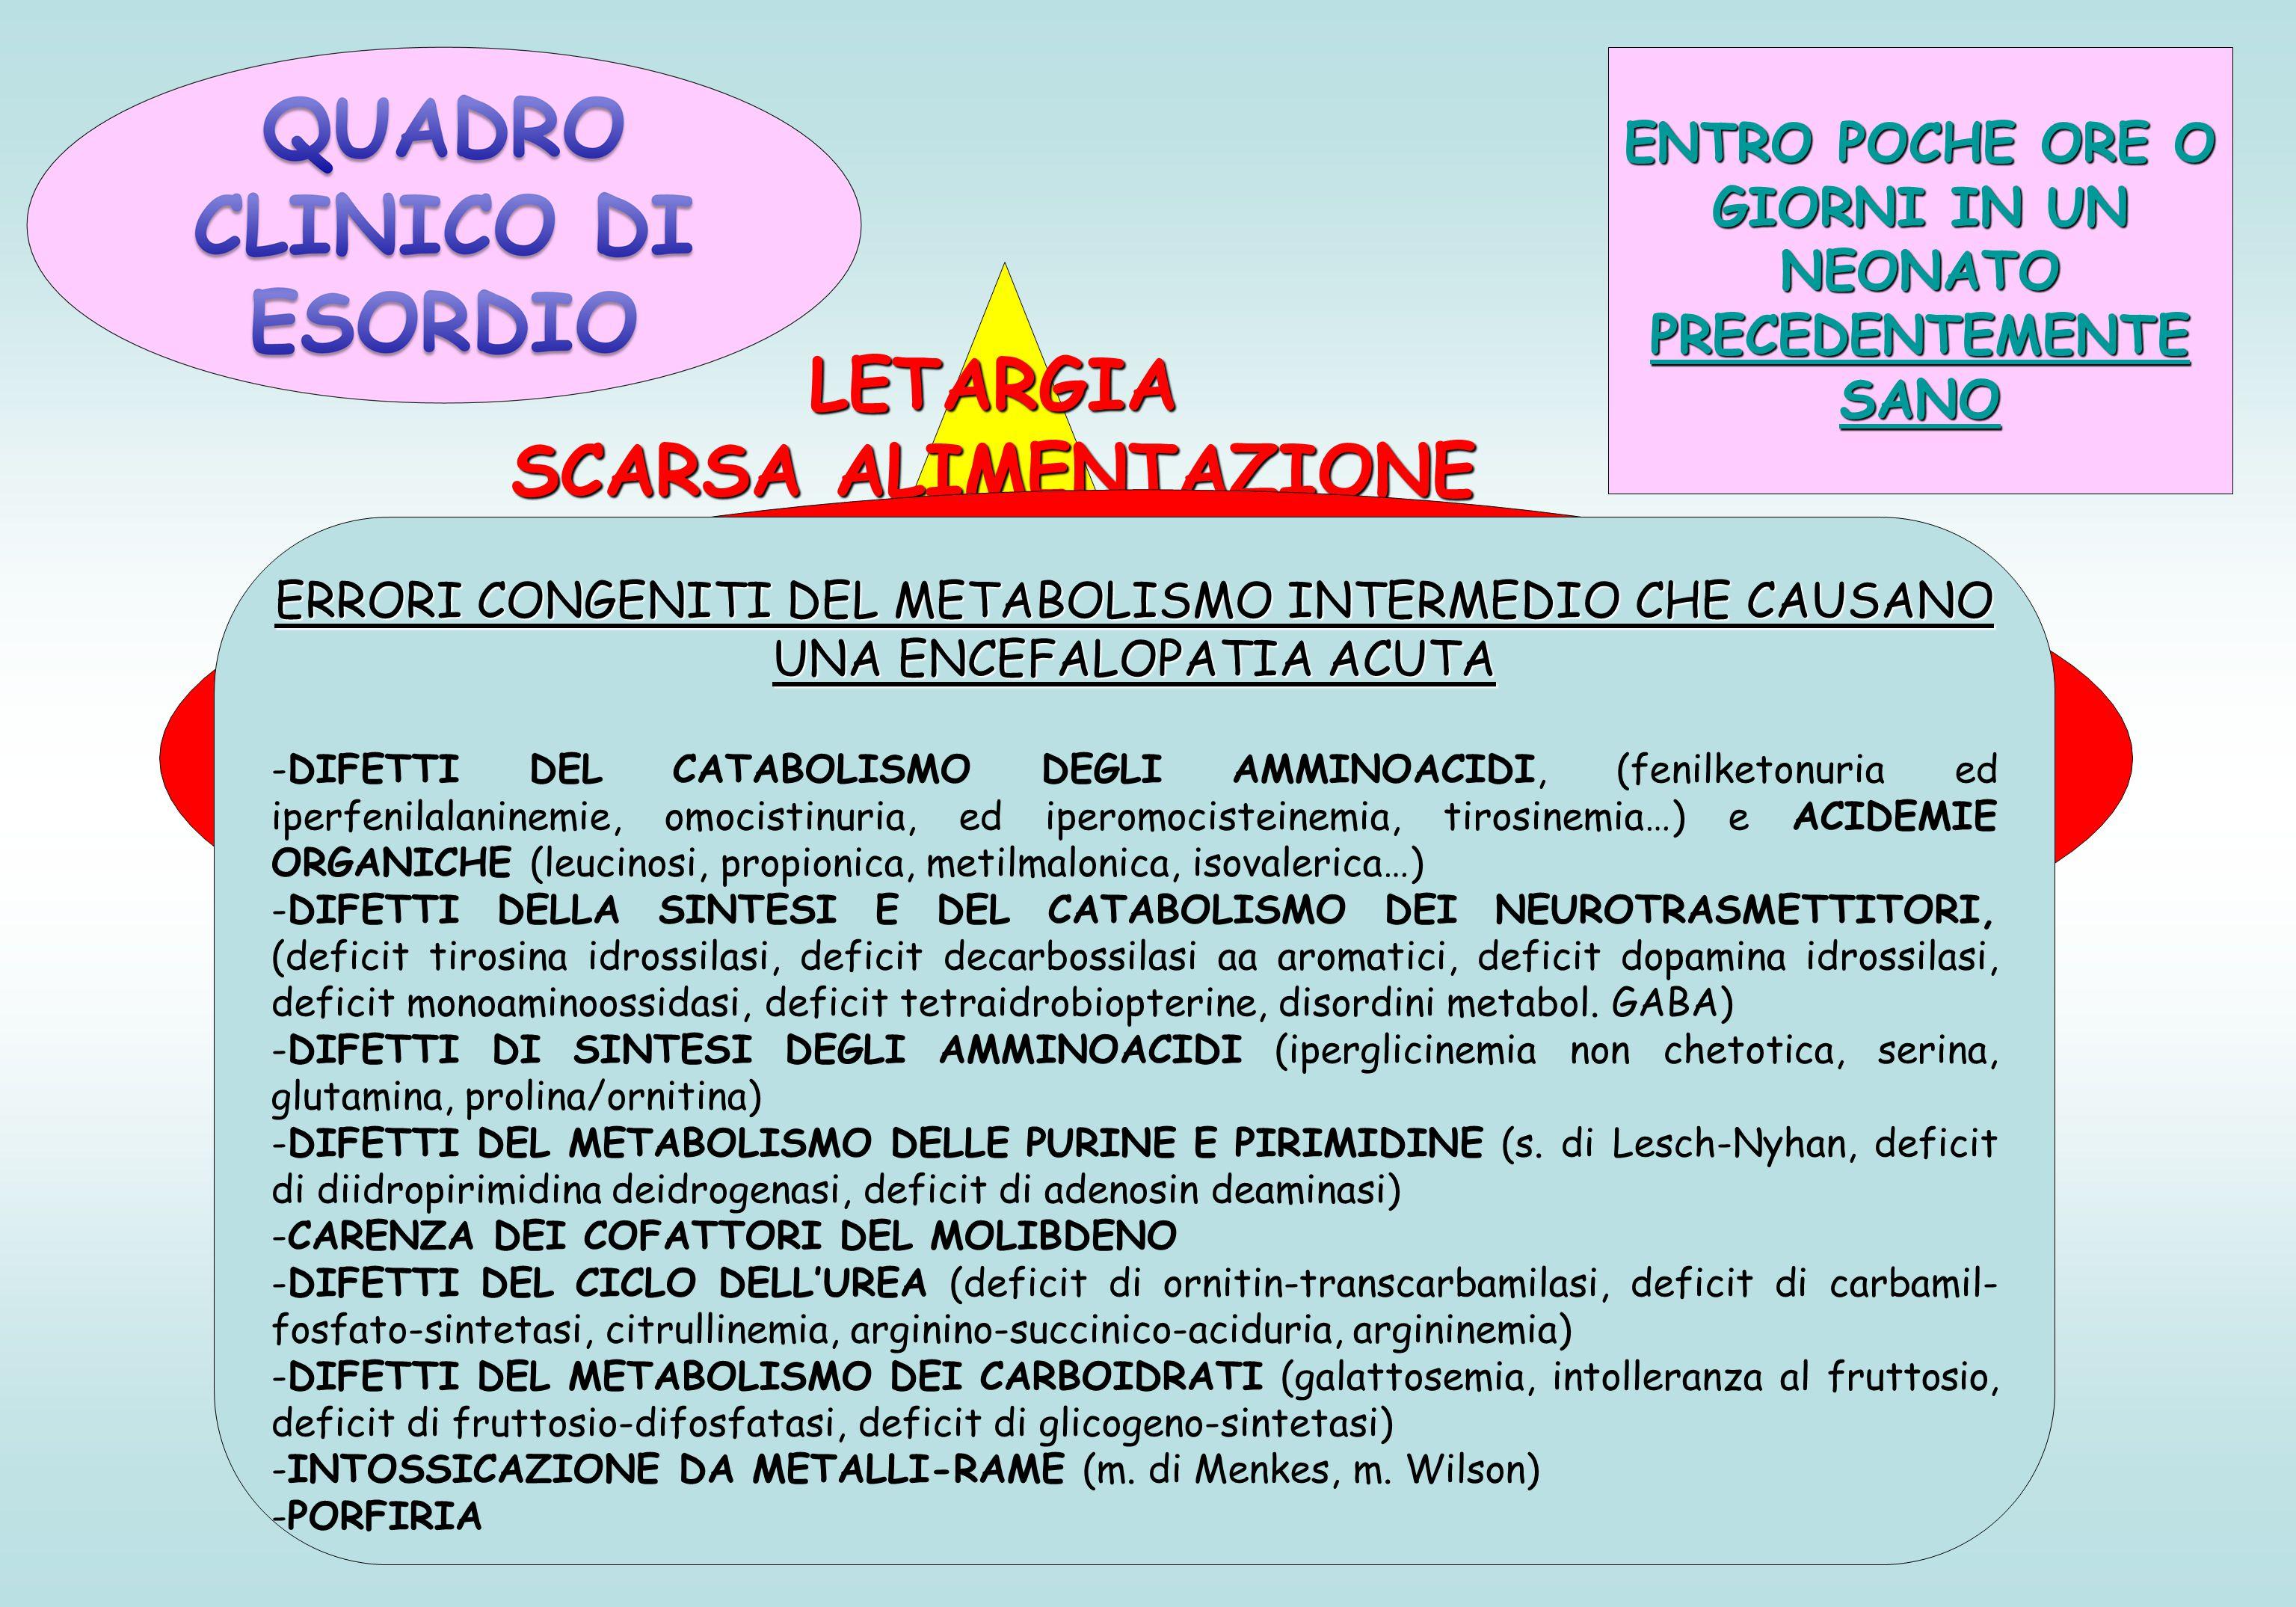 ENTRO POCHE ORE O GIORNI IN UN NEONATO PRECEDENTEMENTE SANO LETARGIA SCARSA ALIMENTAZIONE VOMITO CONVULSIONI (spasmi, mioclonie..) RESPIRAZIONE ANOMALA ACIDOSI METABOLICA CON TACHPIPNEA IPO-IPERTONO, DISTONIE POSTURA IN OPISTOTONO CRISI DI APNEA COMA QUADRO ACUTO DI INTOSSICAZIONE o EPISODICO neonatale o prima infanzia ERRORI CONGENITI DEL METABOLISMO INTERMEDIO CHE CAUSANO UNA ENCEFALOPATIA ACUTA -DIFETTI DEL CATABOLISMO DEGLI AMMINOACIDI, (fenilketonuria ed iperfenilalaninemie, omocistinuria, ed iperomocisteinemia, tirosinemia…) e ACIDEMIE ORGANICHE (leucinosi, propionica, metilmalonica, isovalerica…) -DIFETTI DELLA SINTESI E DEL CATABOLISMO DEI NEUROTRASMETTITORI, (deficit tirosina idrossilasi, deficit decarbossilasi aa aromatici, deficit dopamina idrossilasi, deficit monoaminoossidasi, deficit tetraidrobiopterine, disordini metabol.